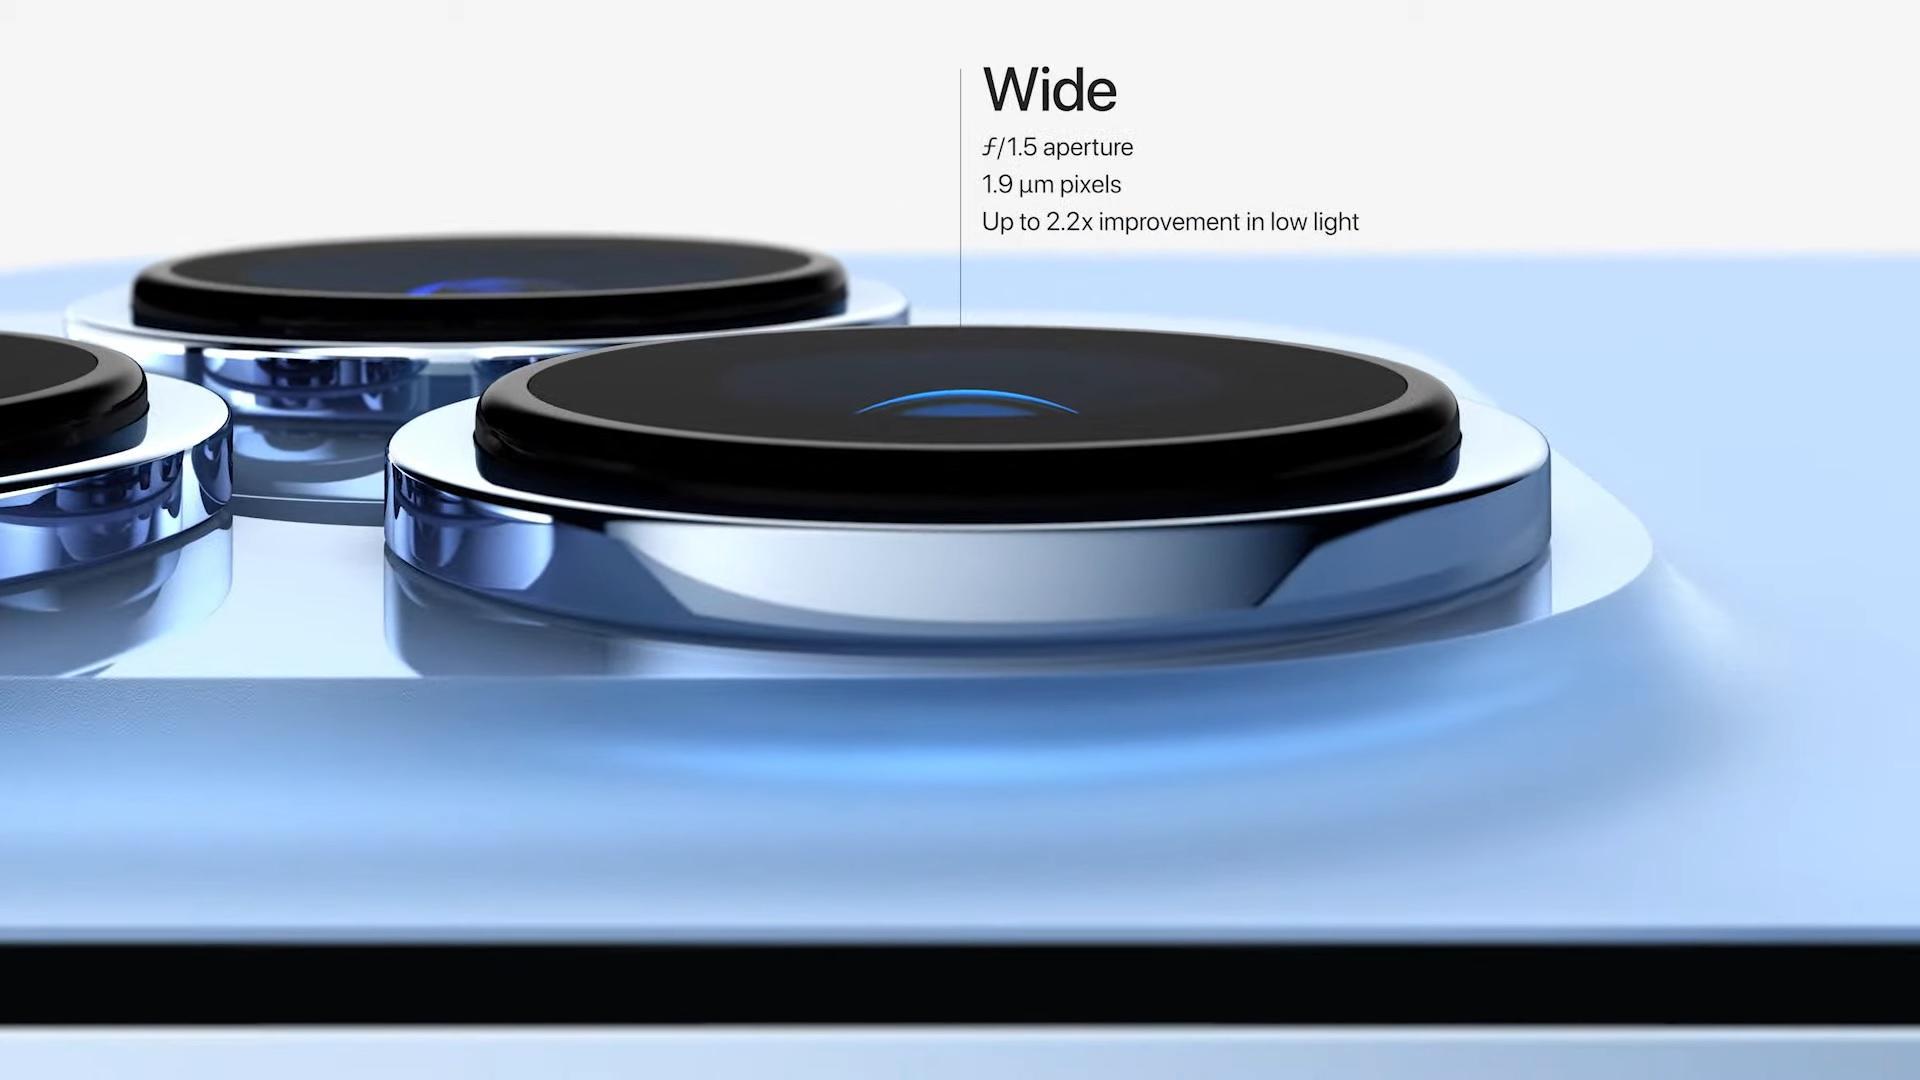 Camera wide de la iPhone 13 PRO